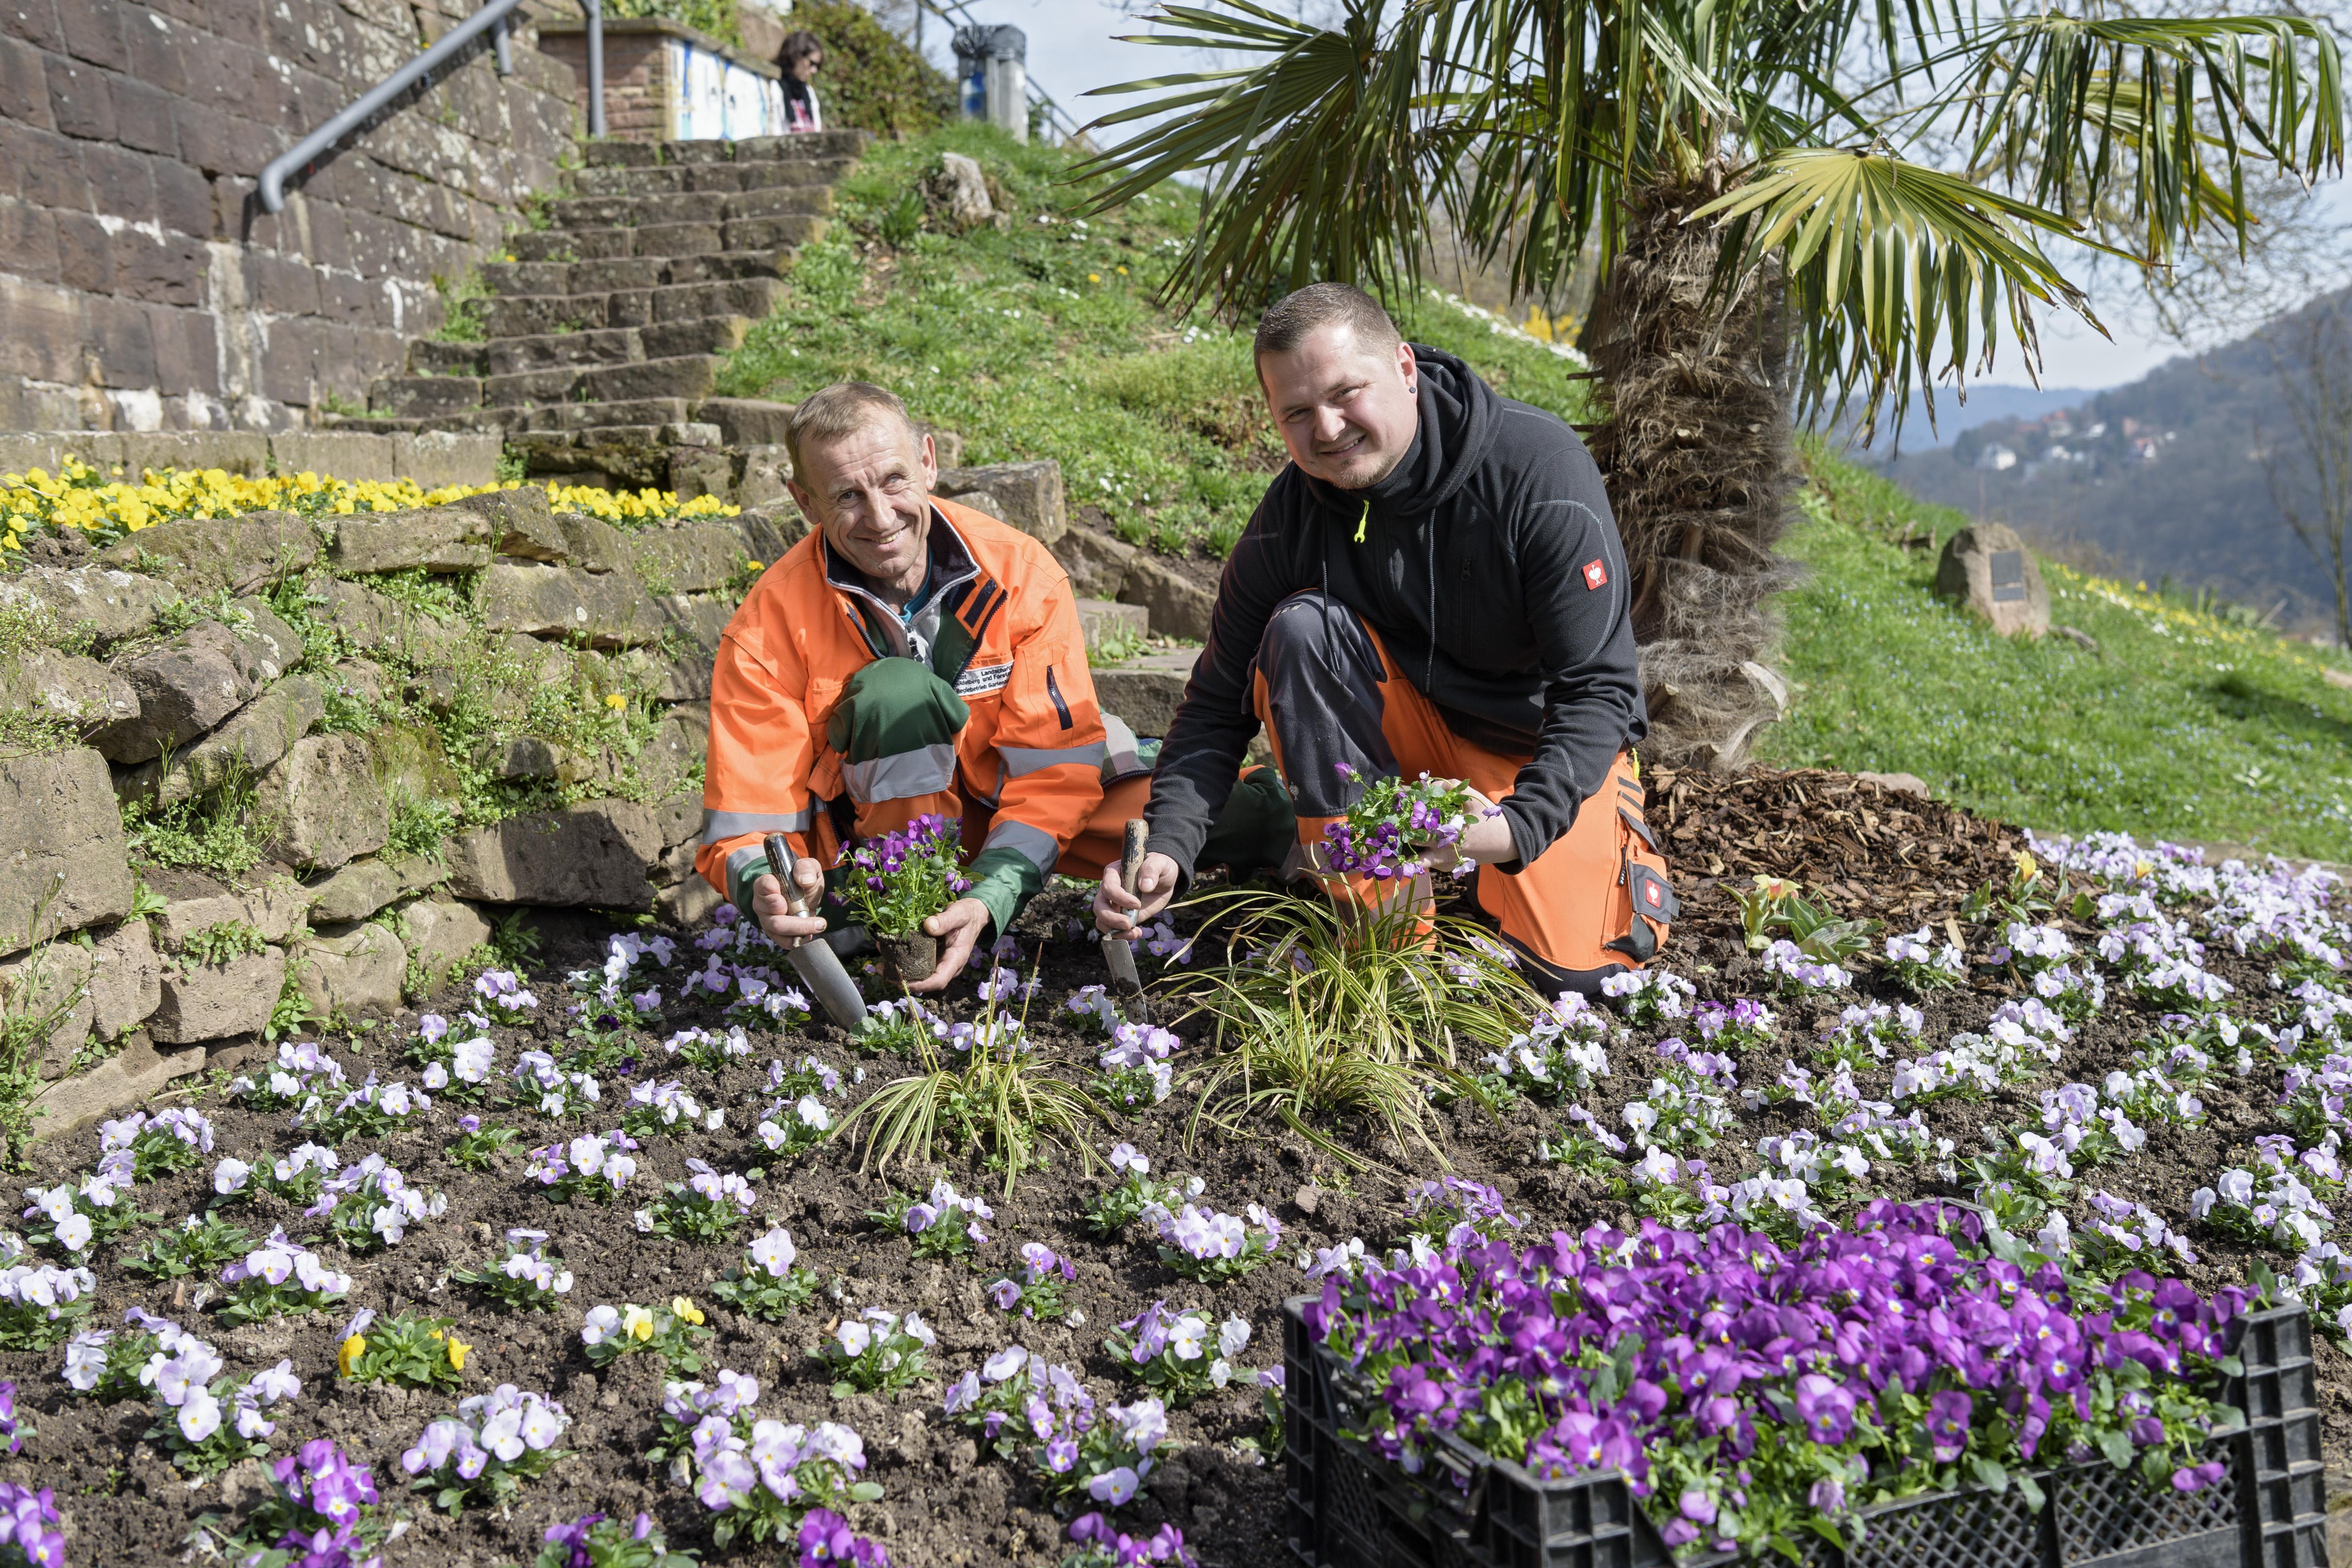 Die Mitarbeiter des Landschafts- und Forstamtes bringen mit vielen bunten Blumen den Frühling in die Stadt.   Foto: Philipp Rothe, 23.03.2017